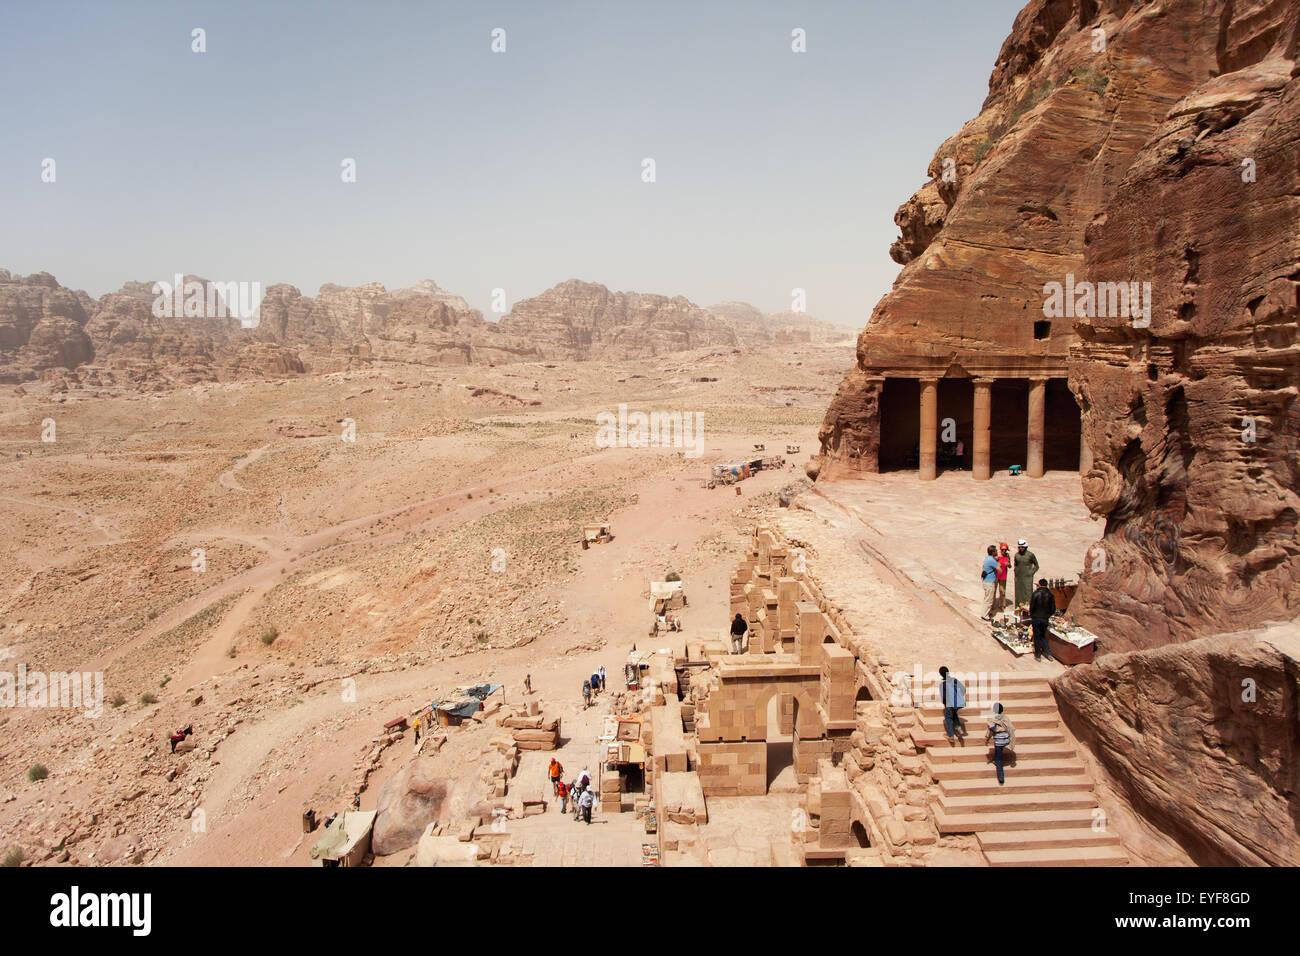 The Urn tomb, part of the Royal tombs; Petra, Jordan Stock Photo